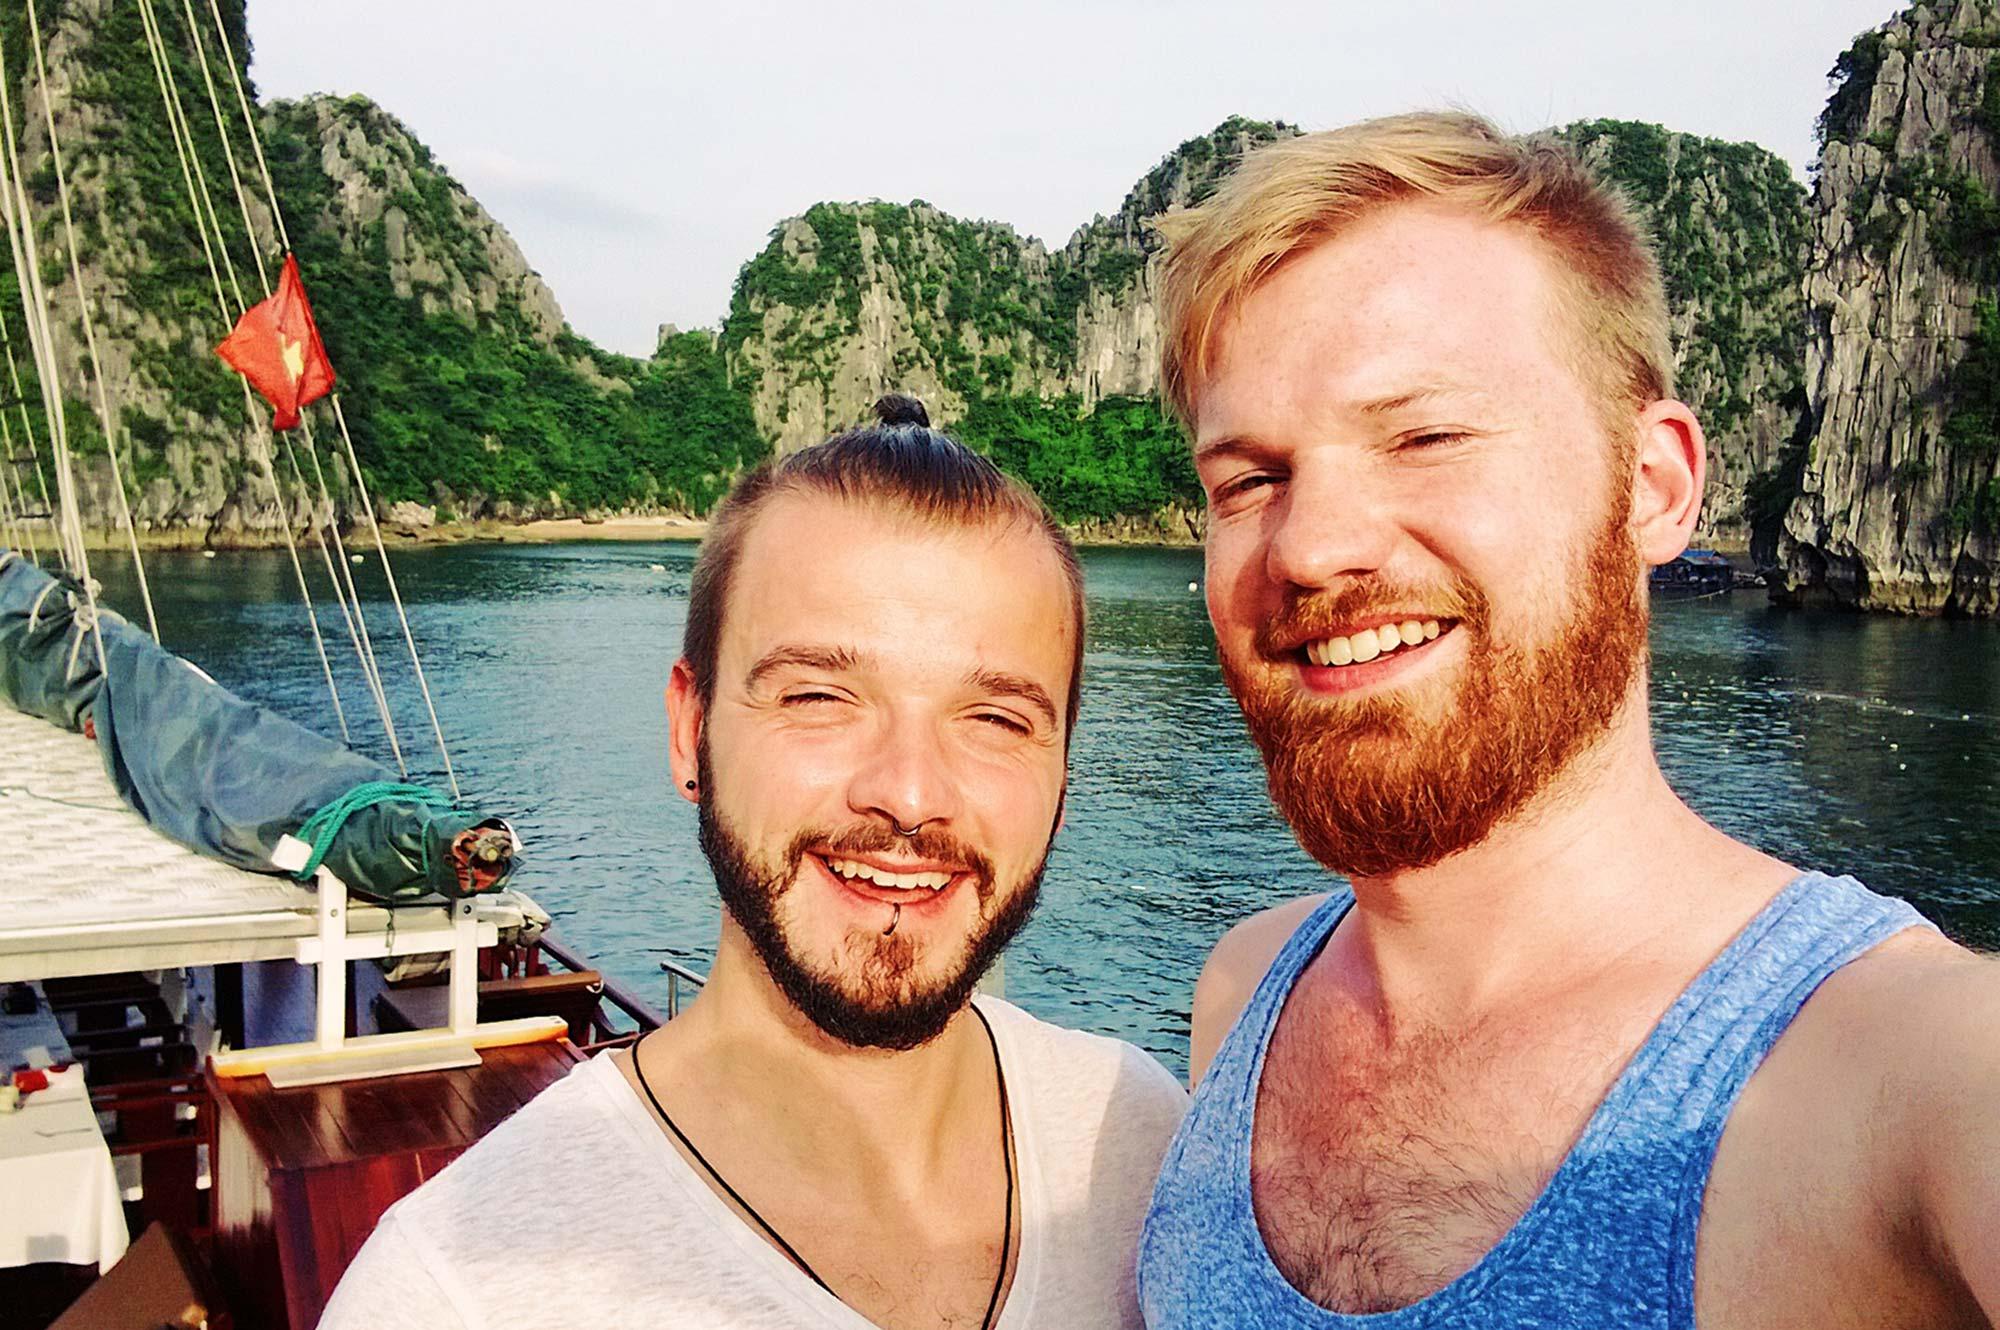 Gay athelete pic